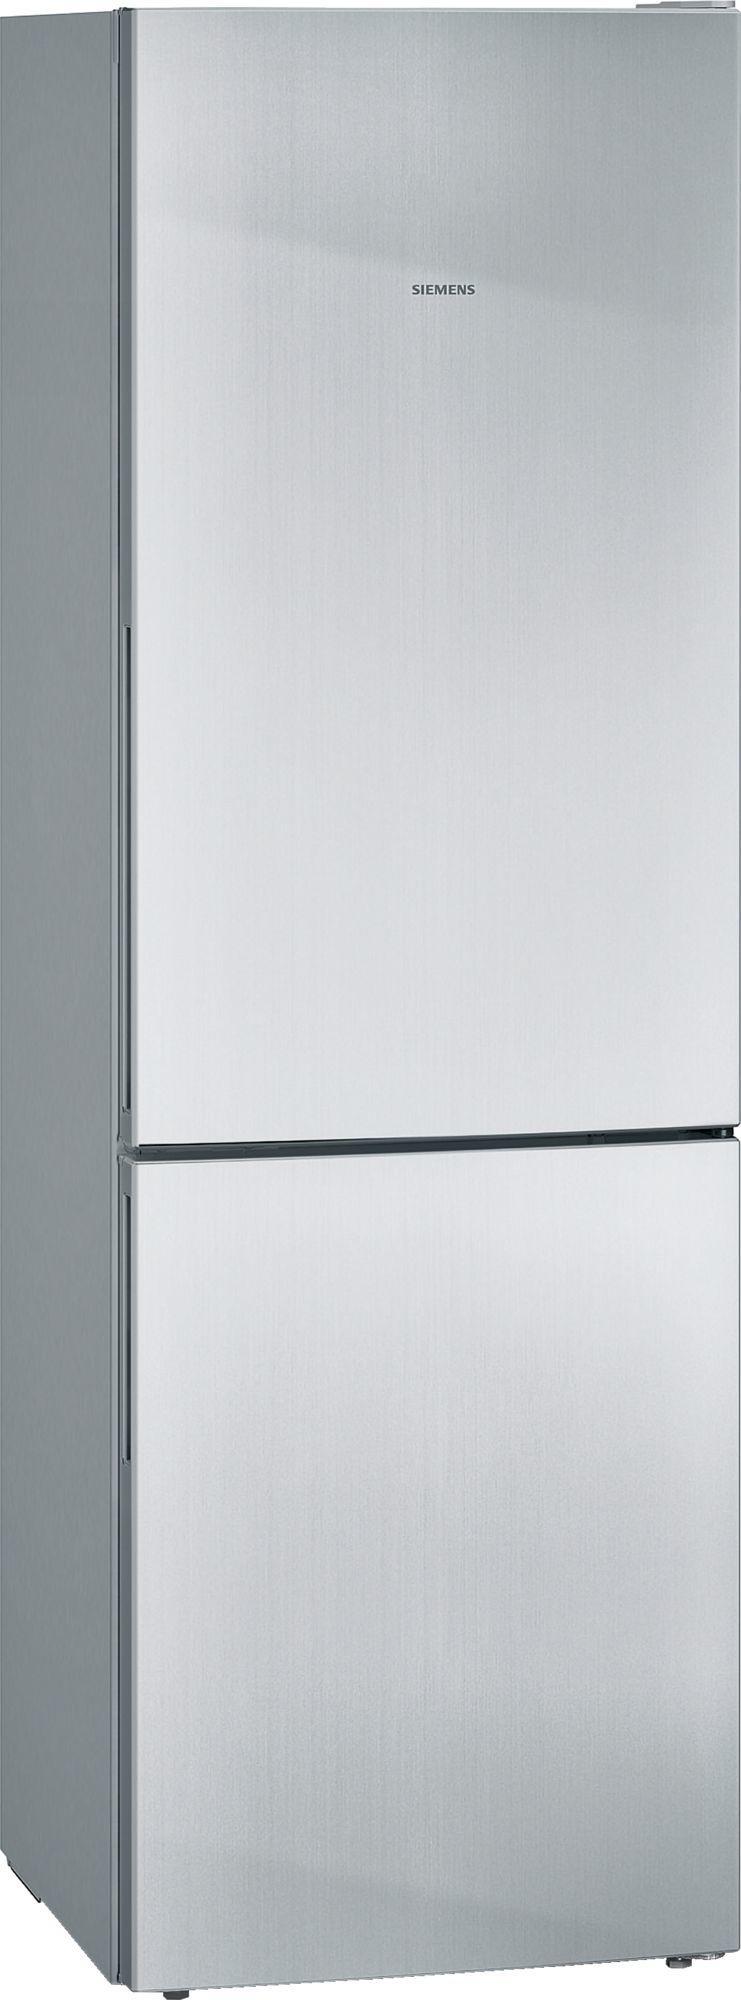 Image of iQ300 KG36VVIEA 60cm 307 Litre Low Frost Fridge Freezer | Silver Innox